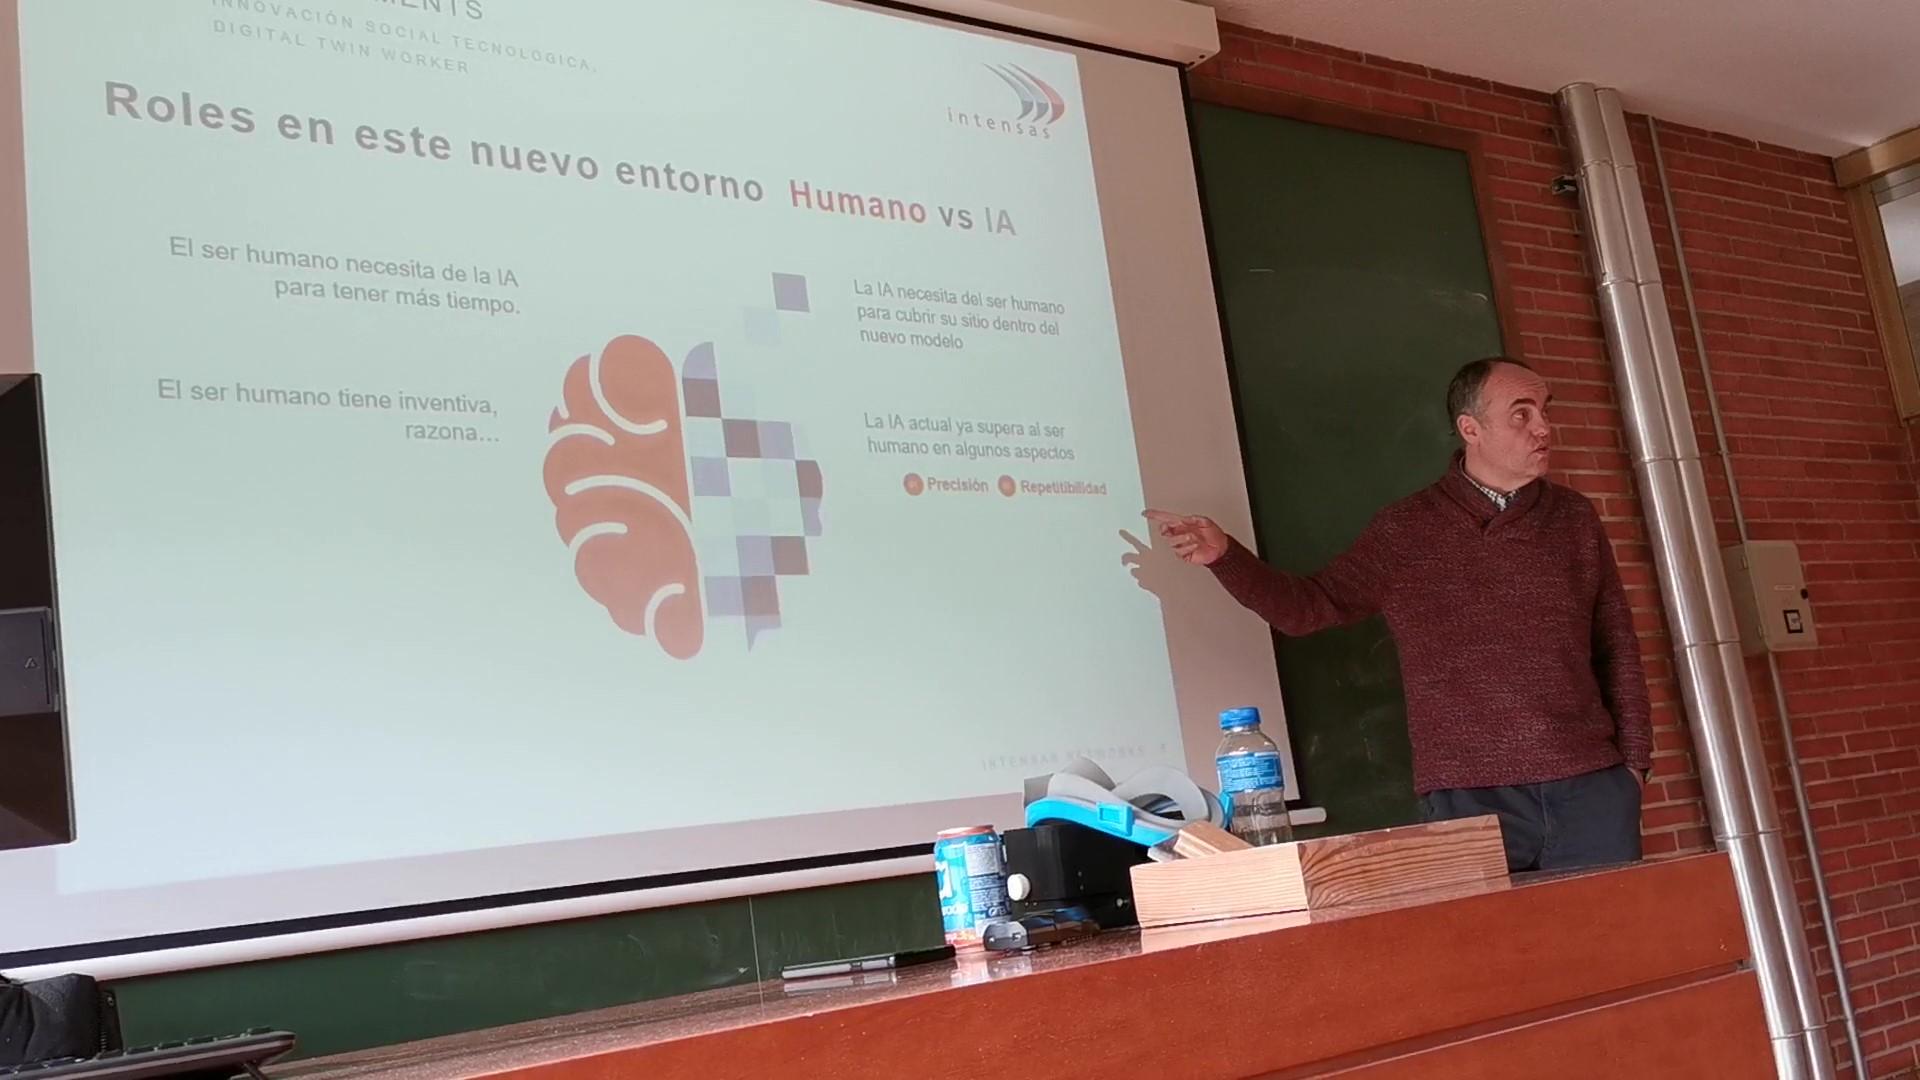 ntensas-Jose Santos-Charla Universidad de Navarra -Inteligencia Artificial_13enero2020